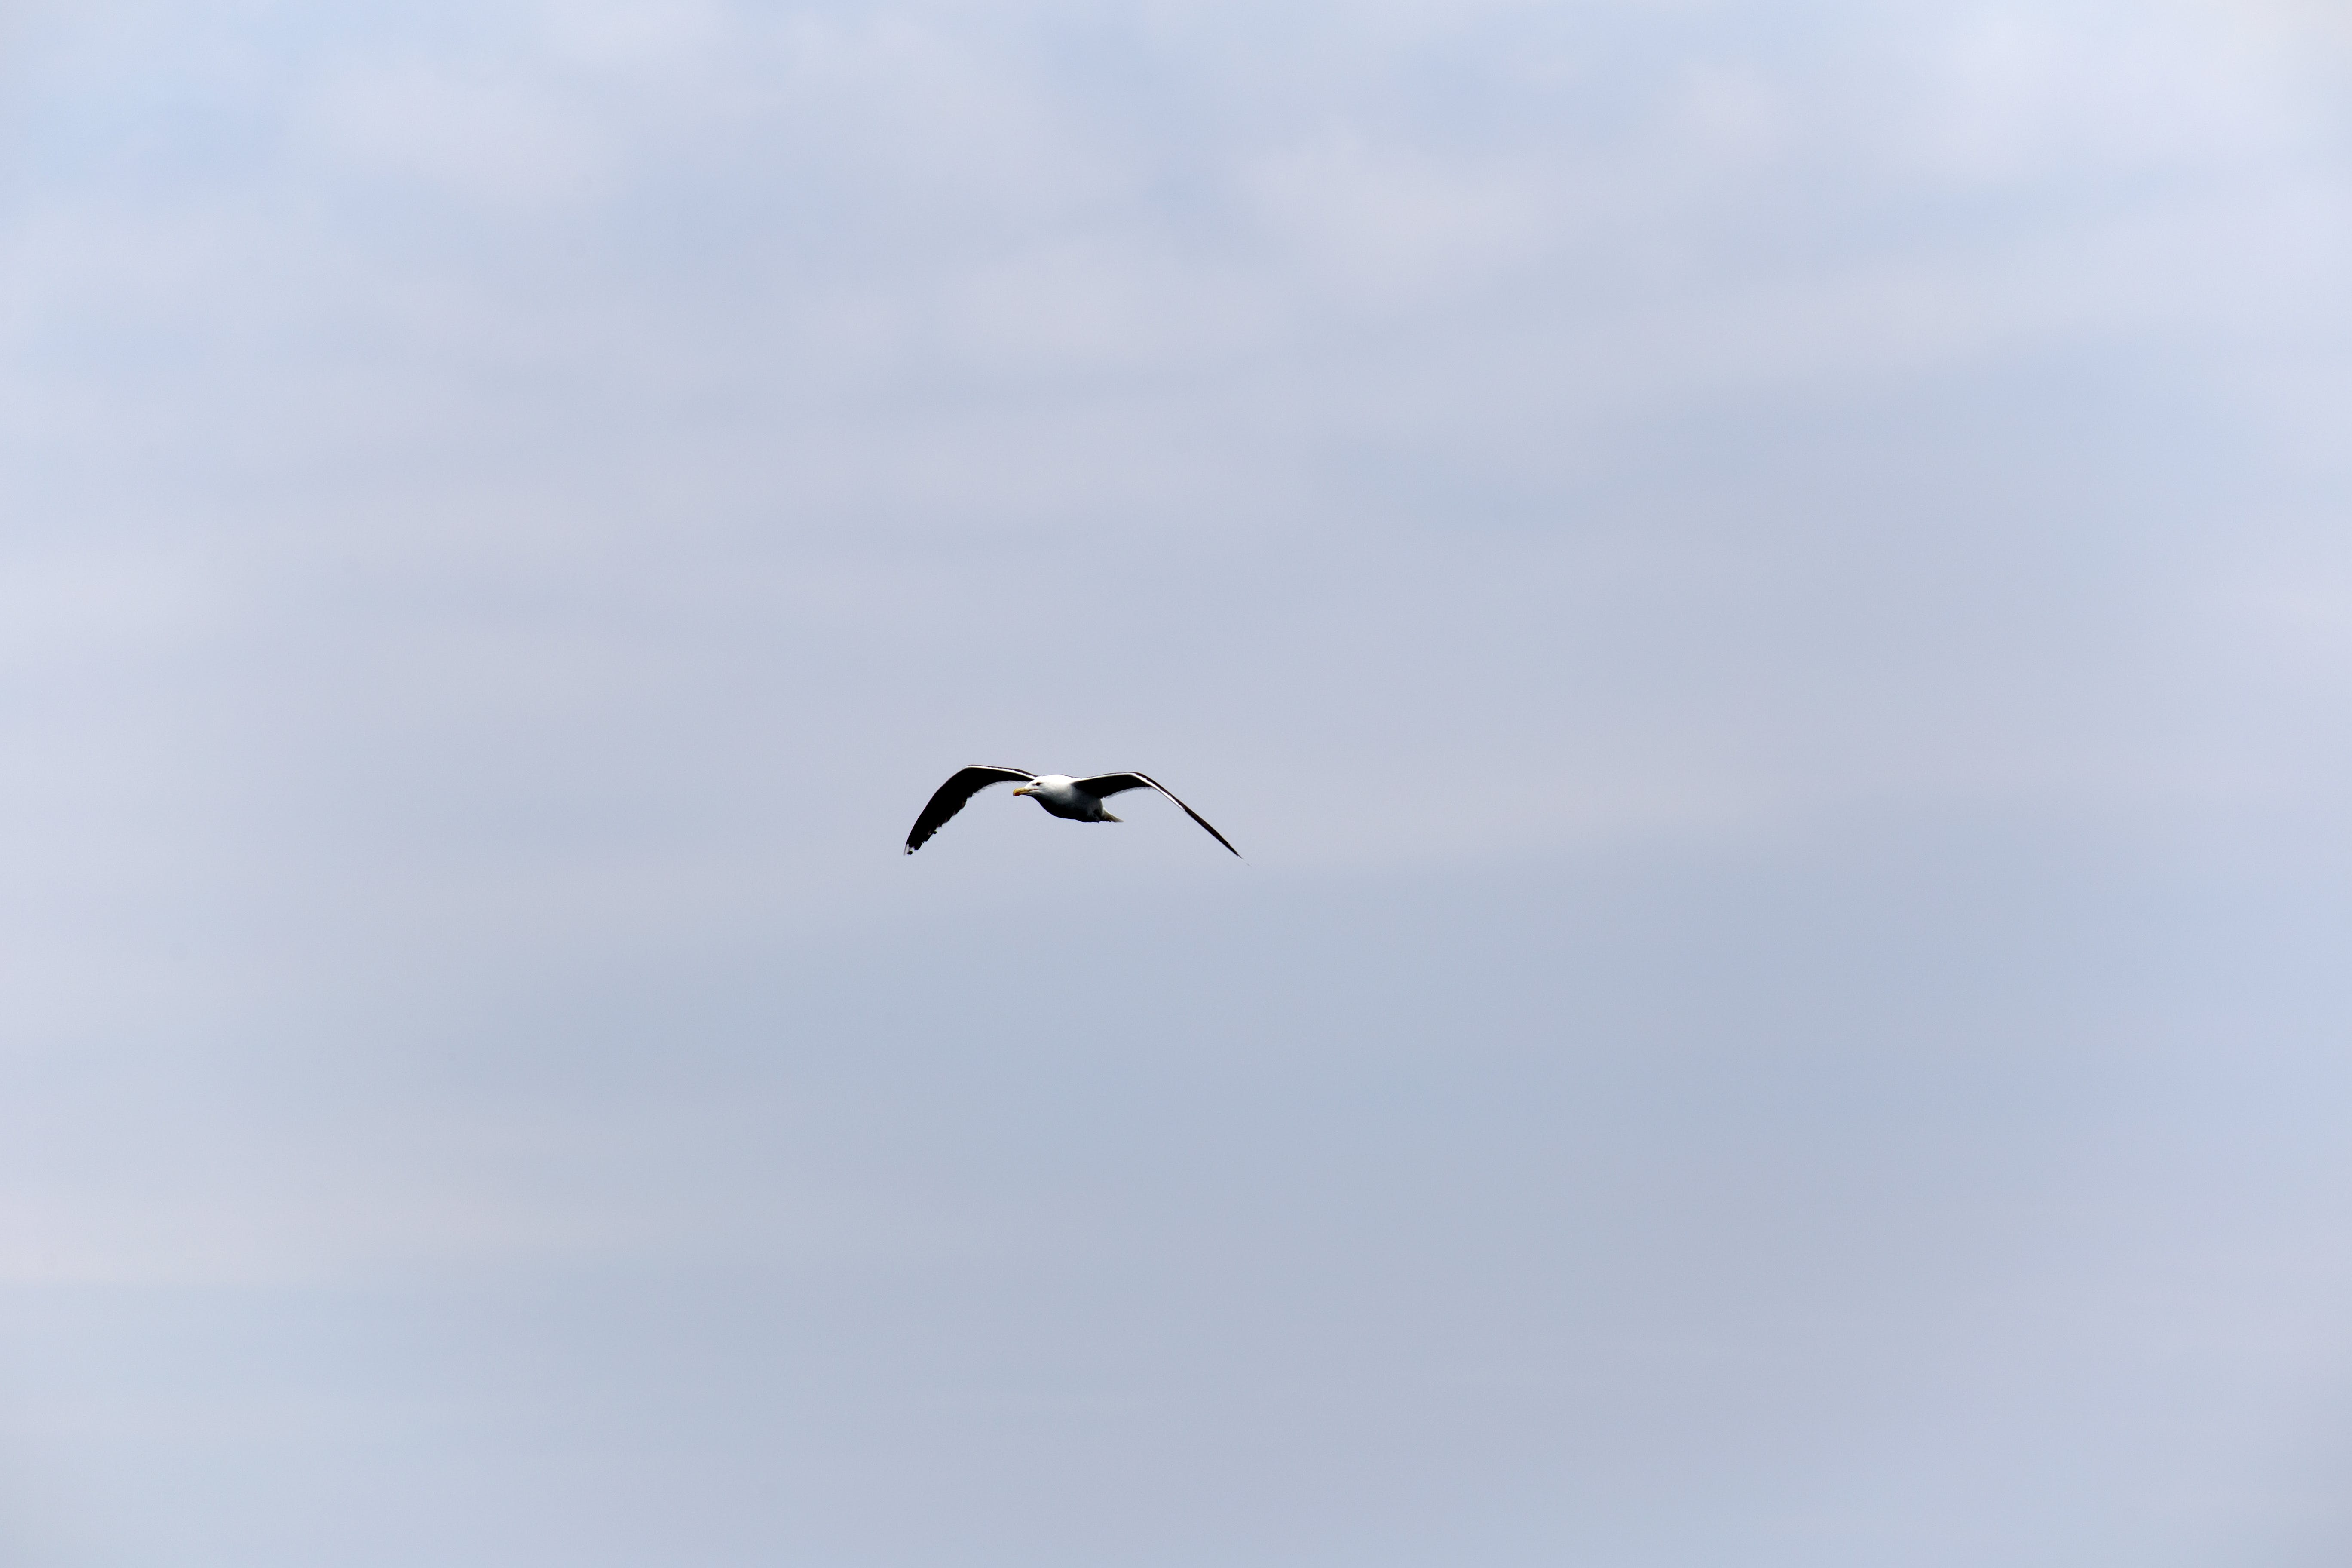 White Seagull Flying Under Gray Sky